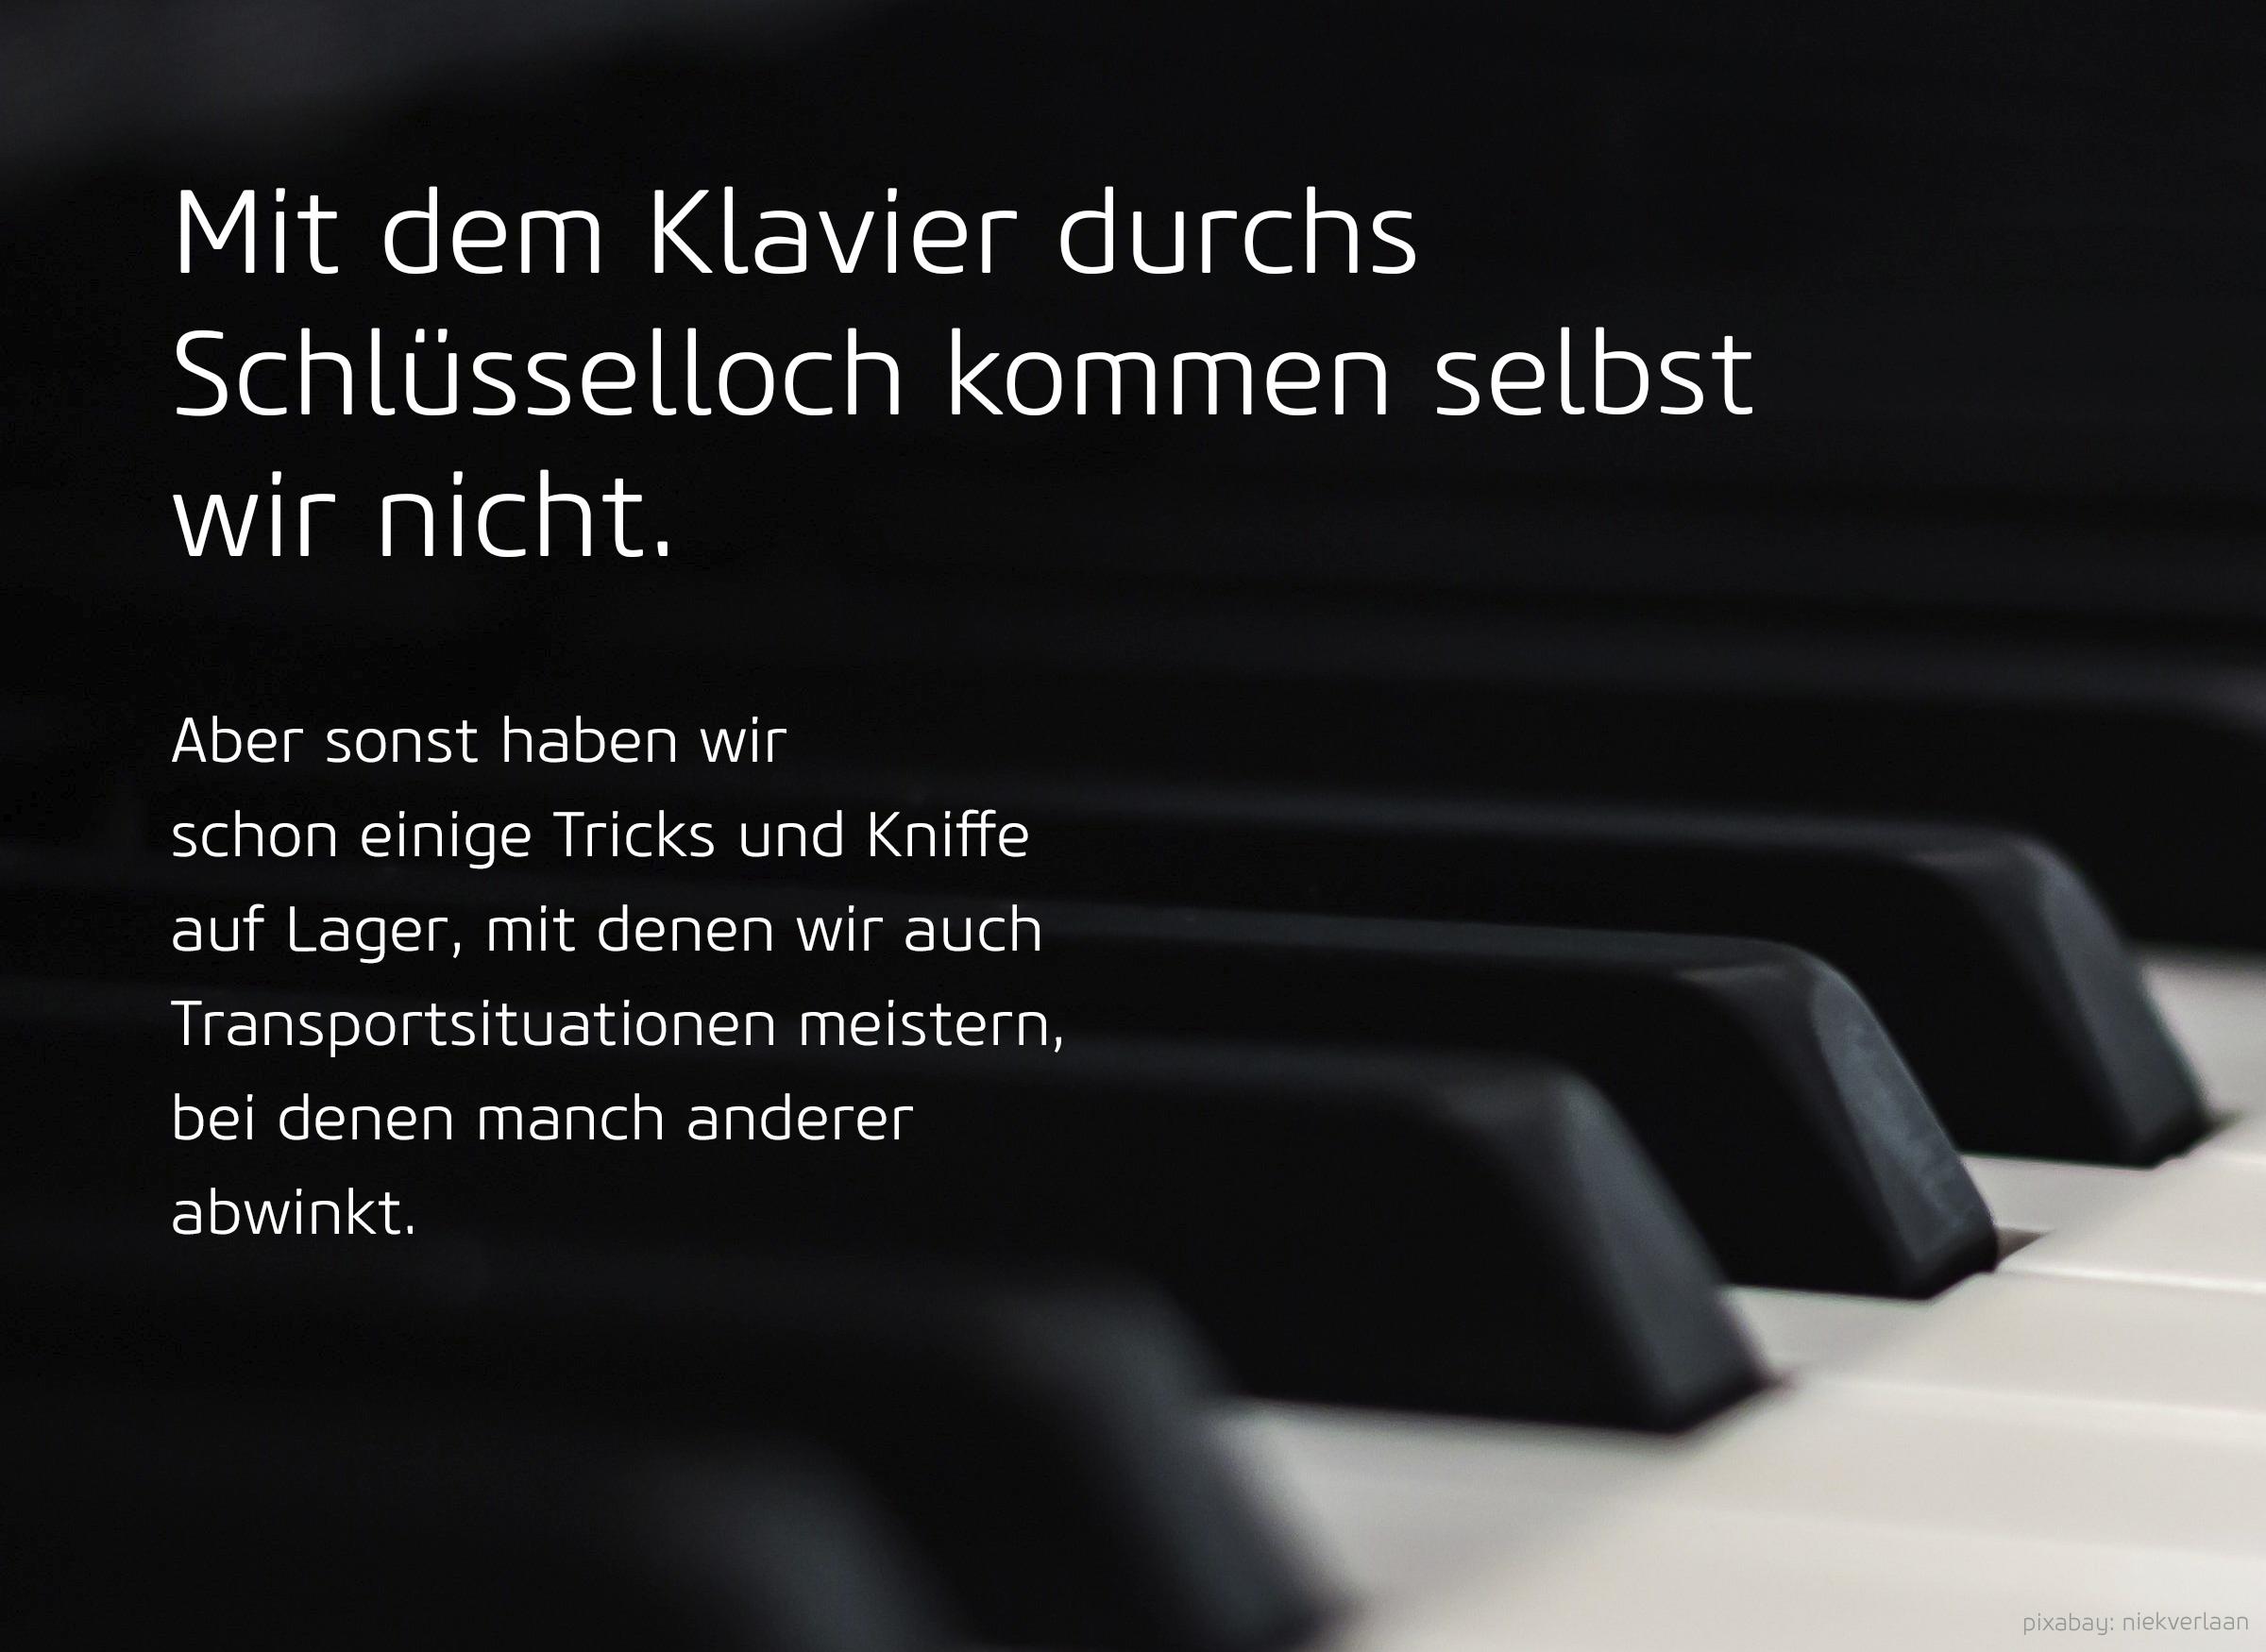 Klaviertastatur mit Text